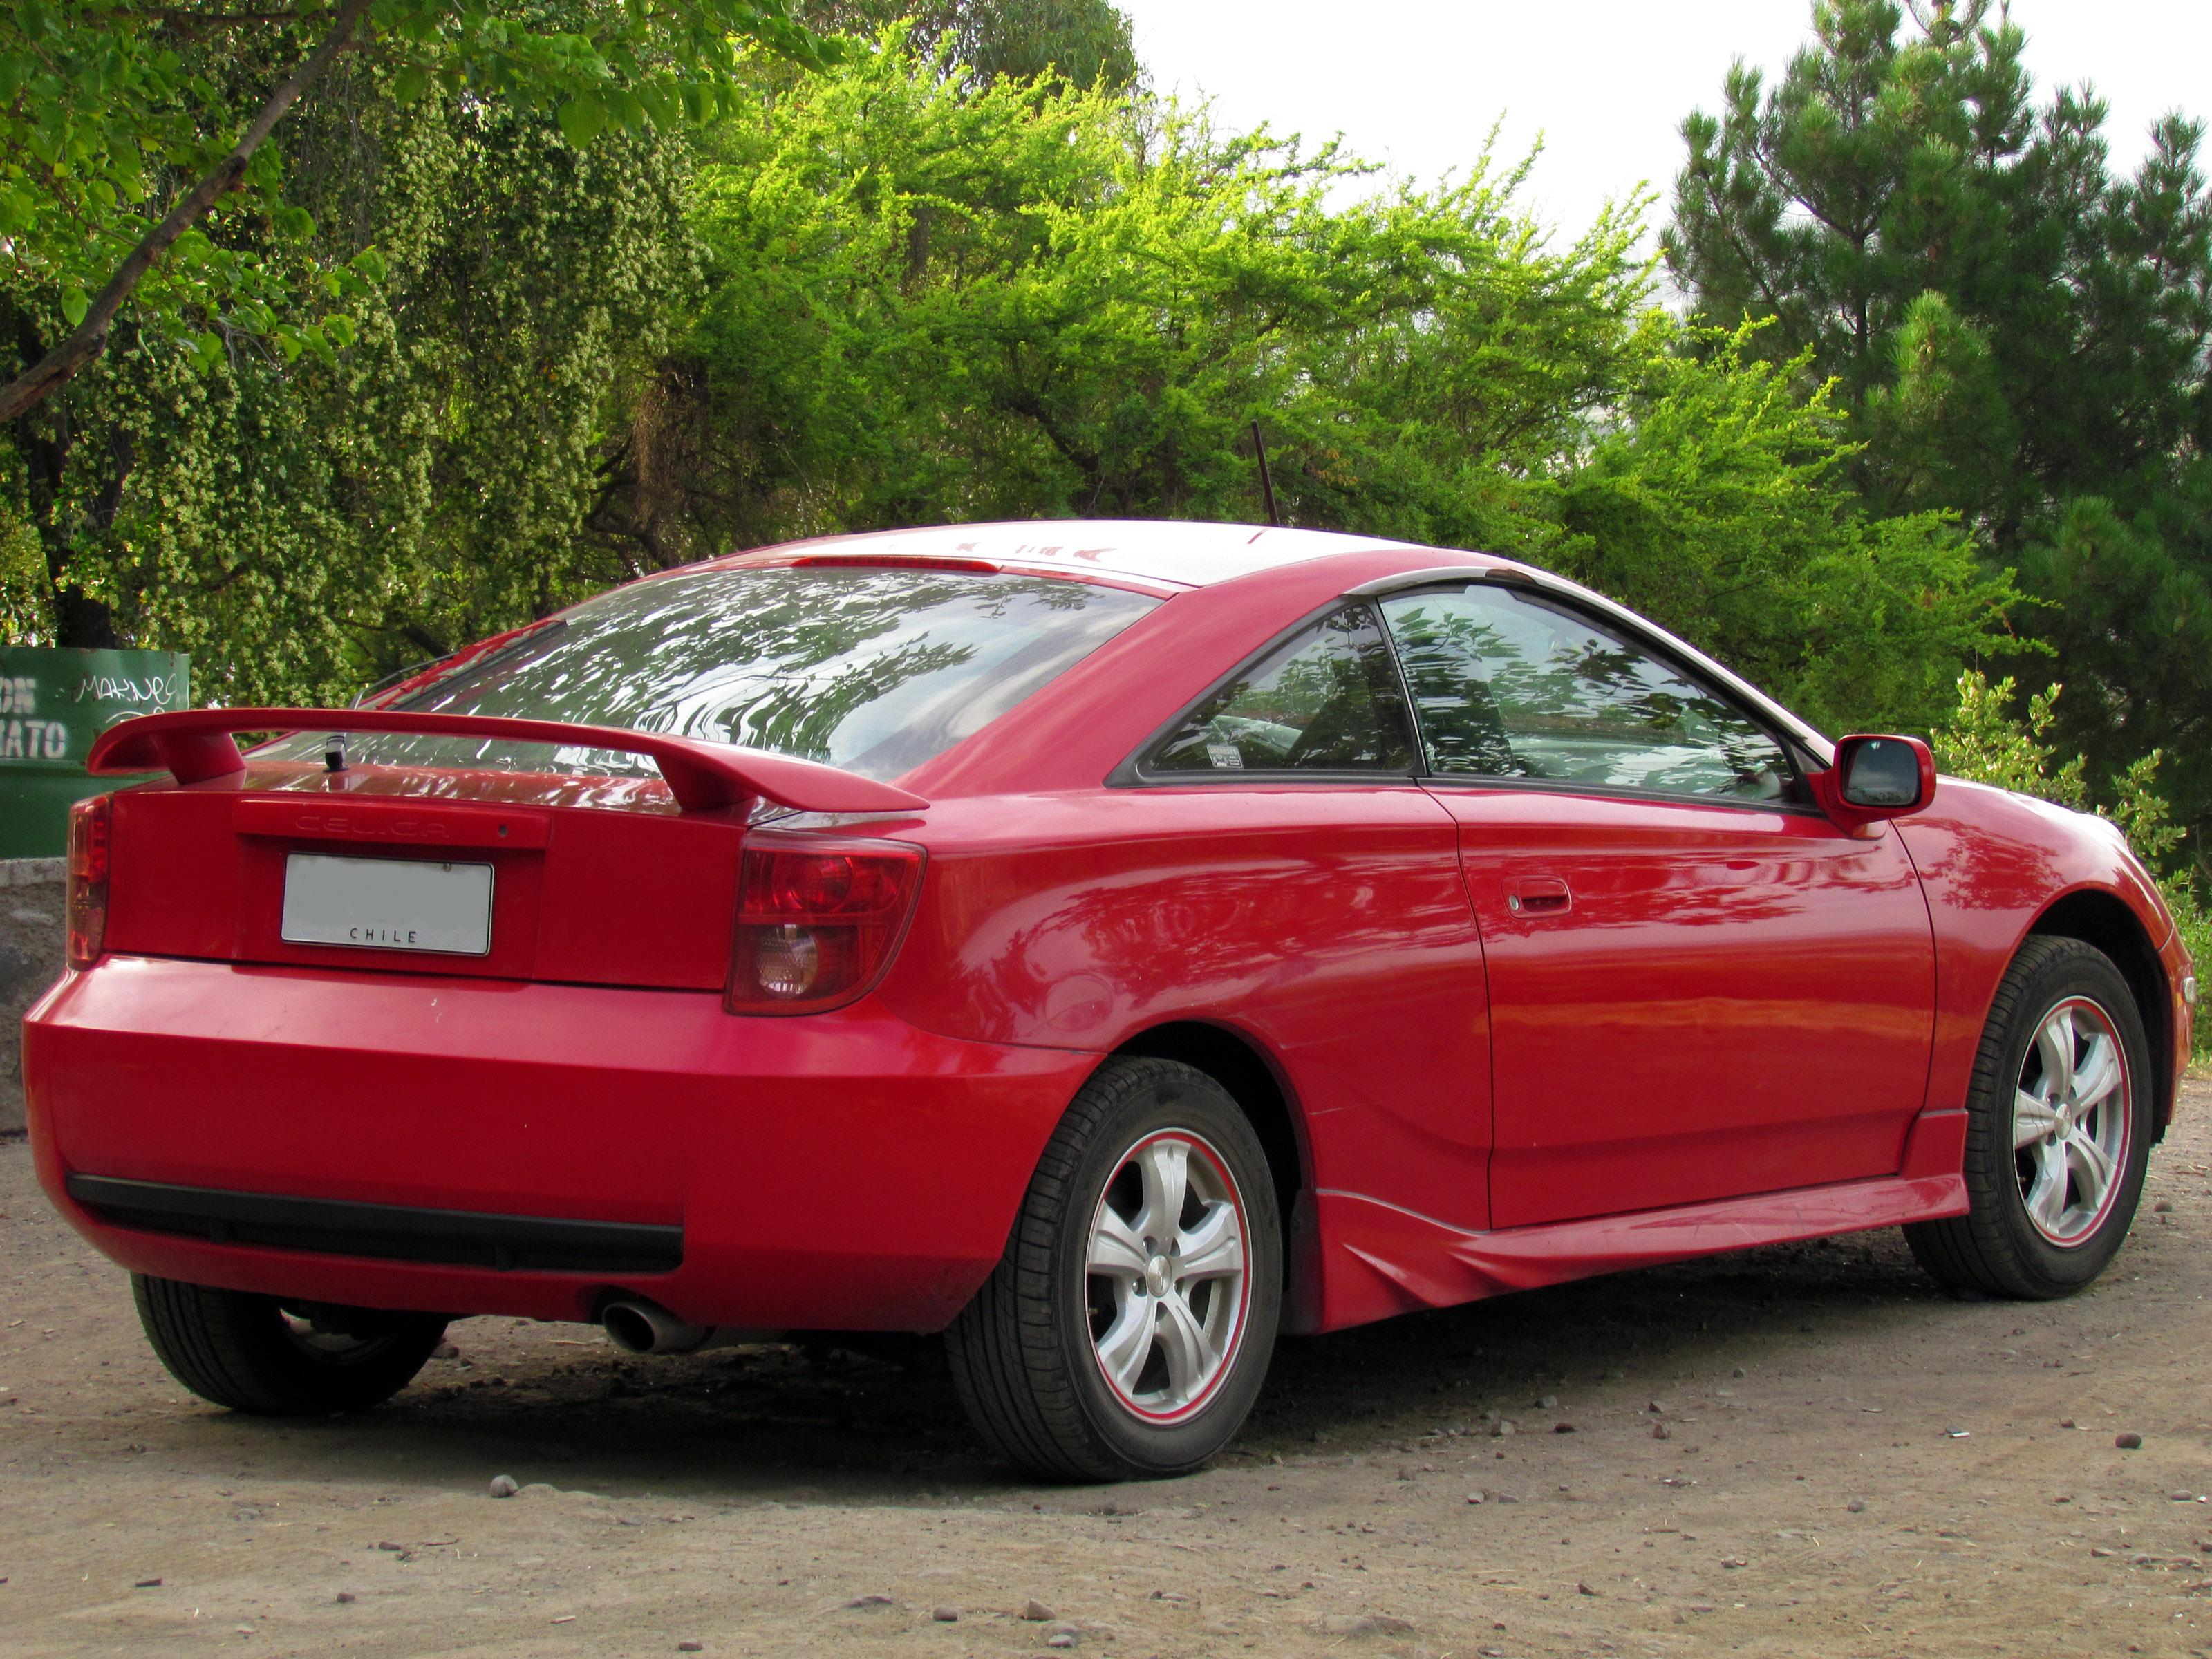 Kelebihan Kekurangan Toyota Celica 2001 Murah Berkualitas